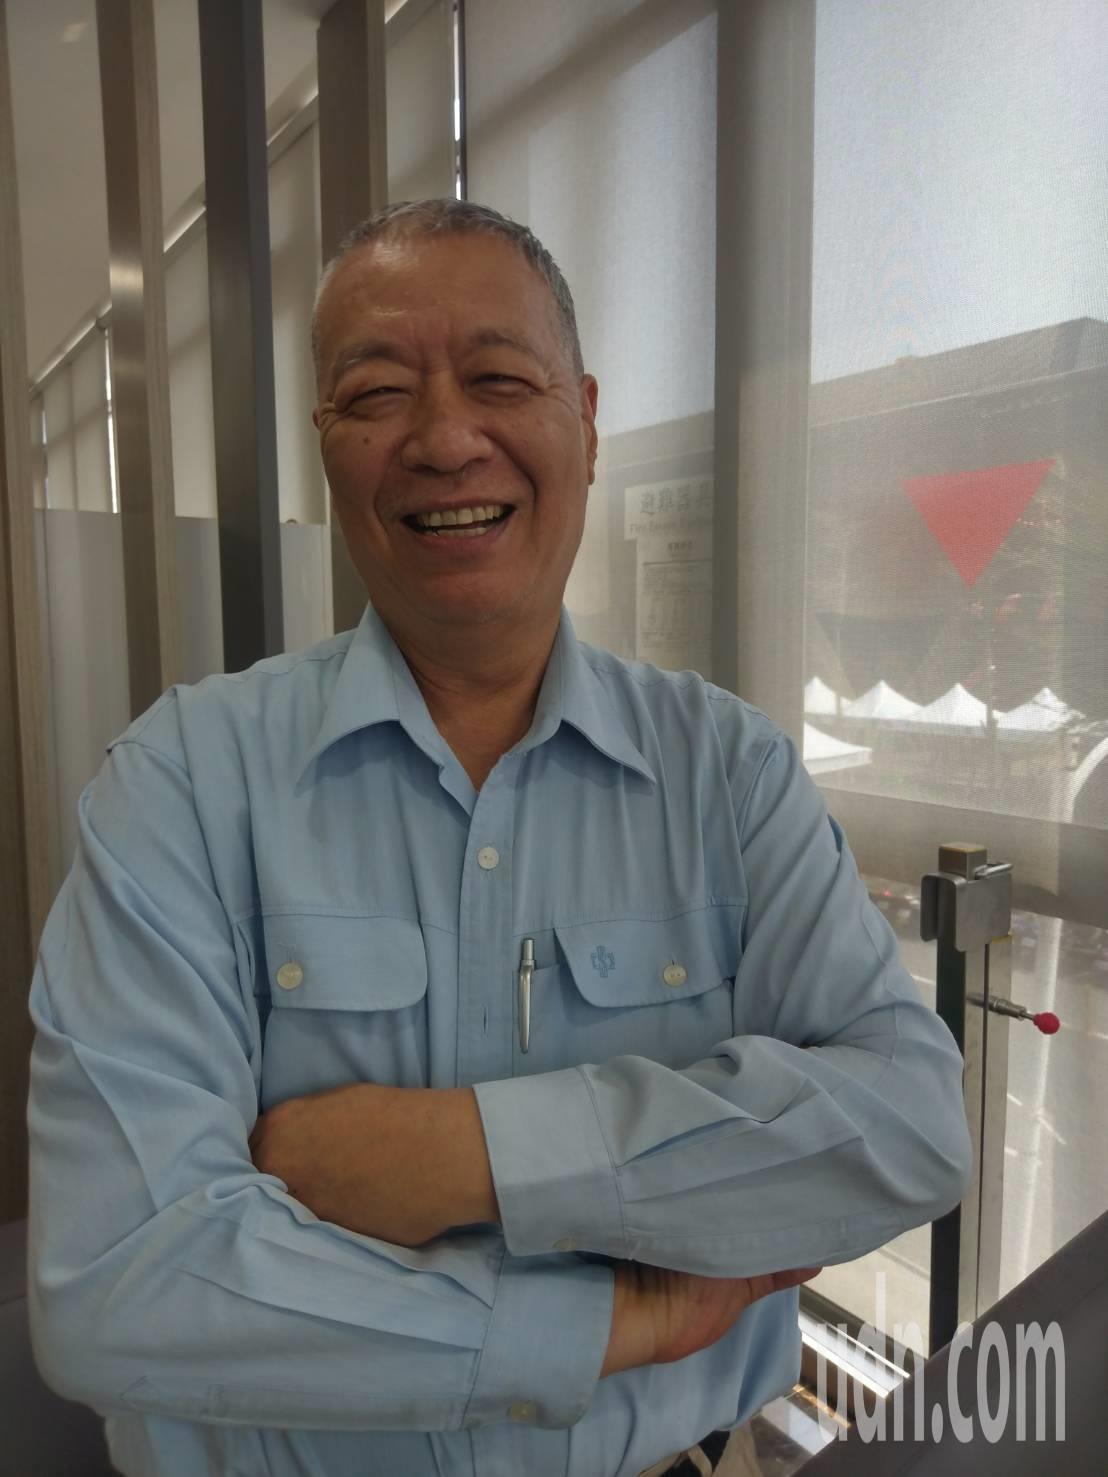 中鋼總經理劉季剛明天屆退休,他說退休後要全心陪老婆,當閒雲野鶴了。記者謝梅芬/攝...